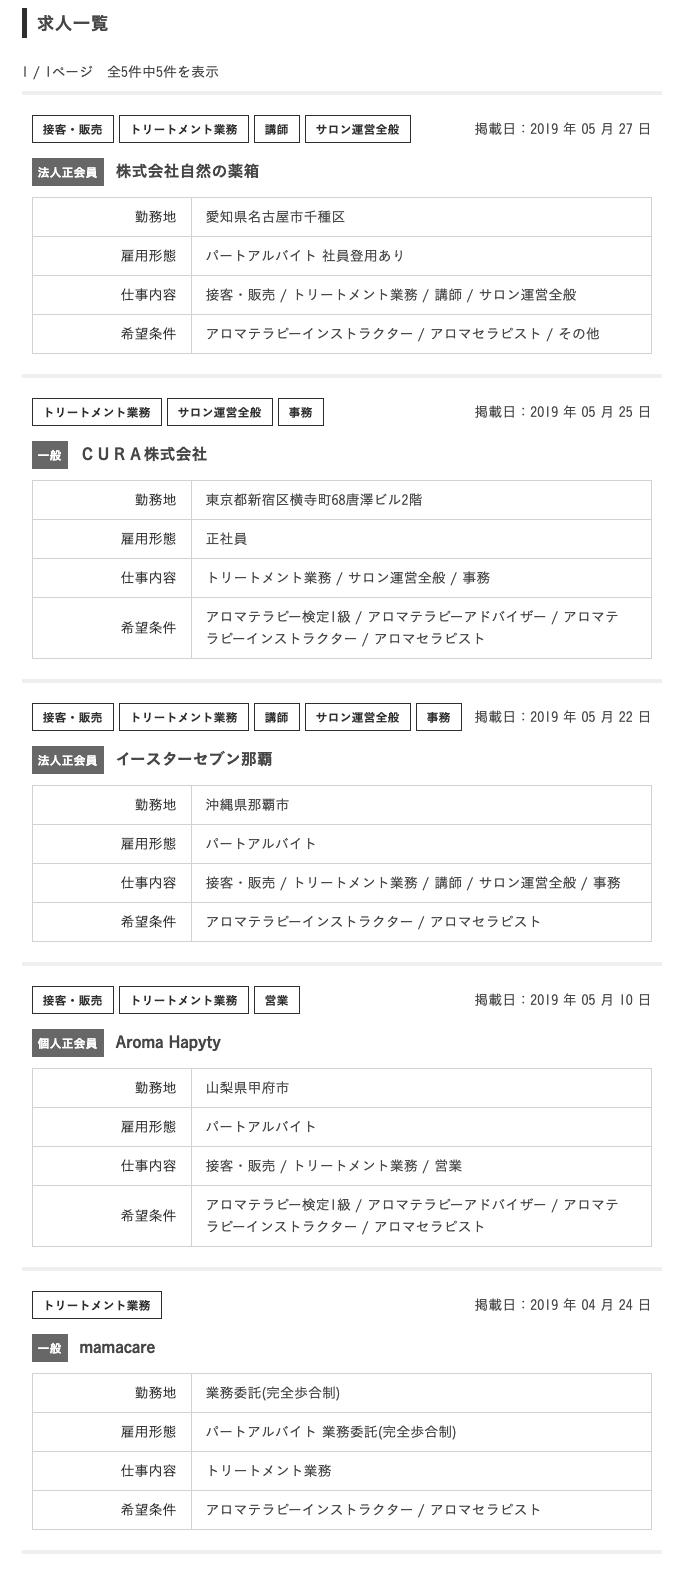 アロマテラピー講師の求人情報とお給料、服装(AEAJ検索条件アロマテラピーインストラクター求人一覧)